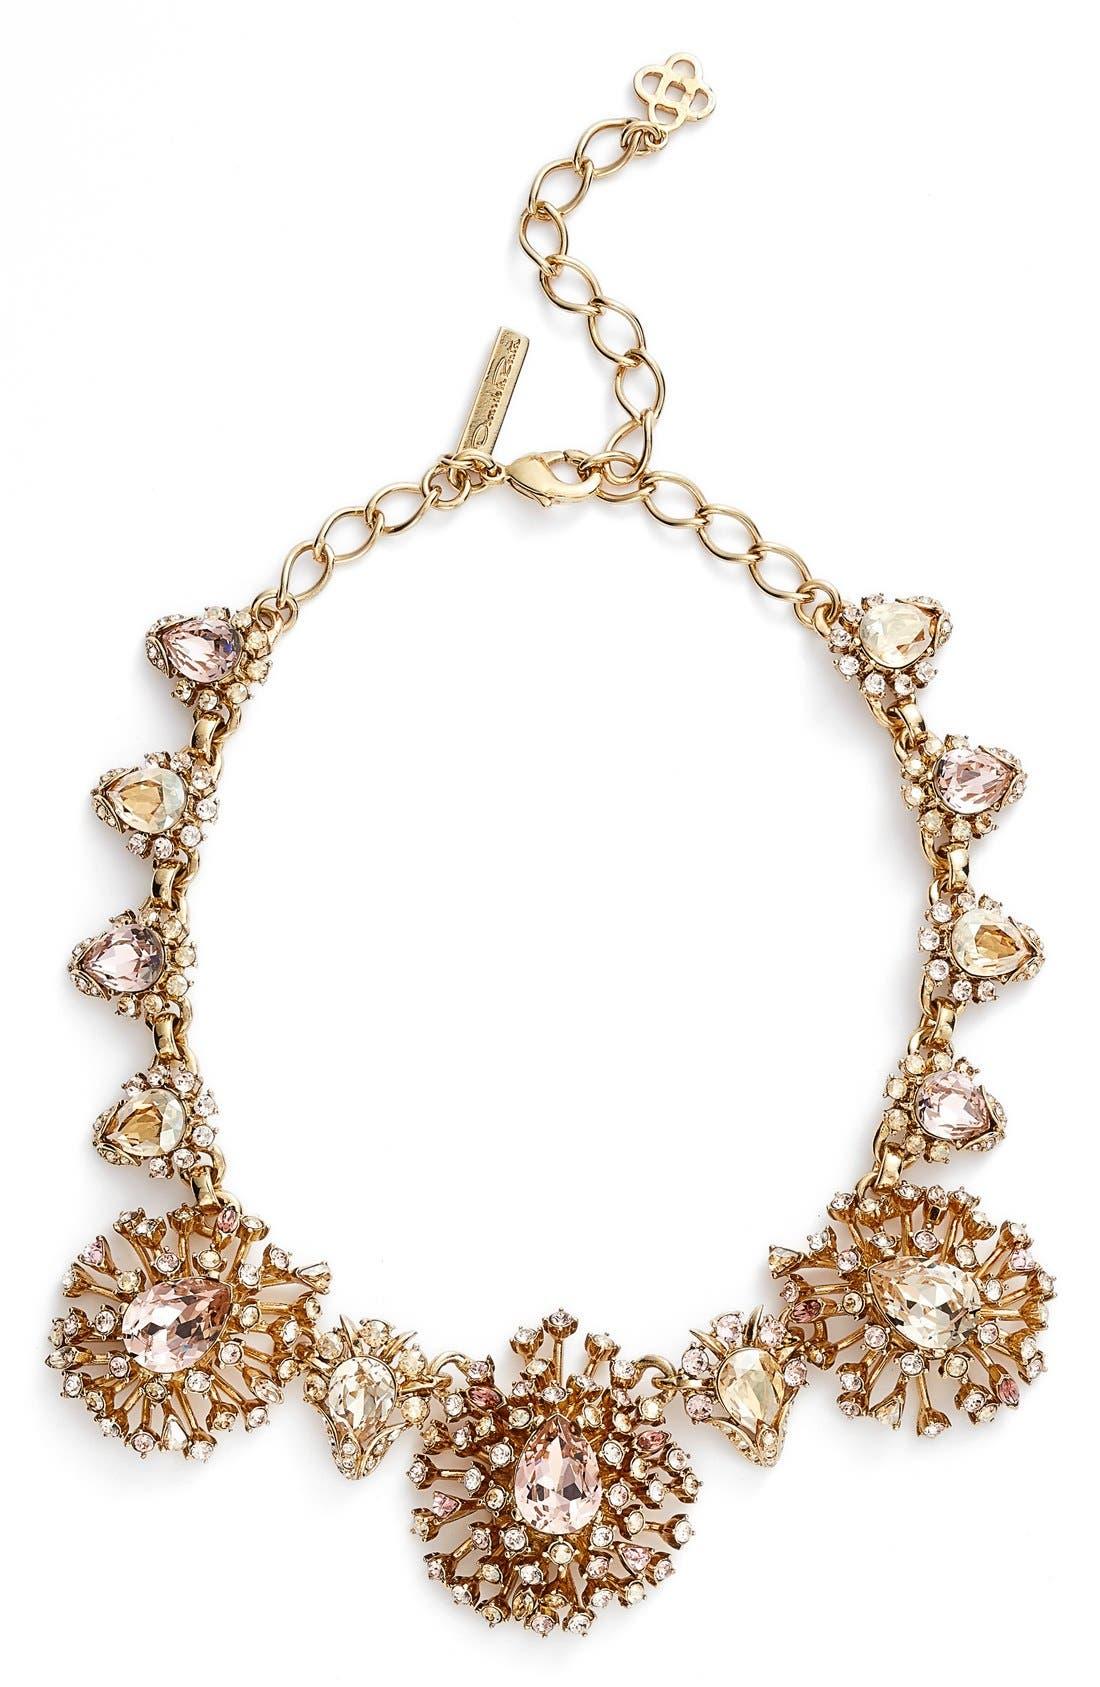 Main Image - Oscar de la Renta 'Tiered Crystal' Necklace